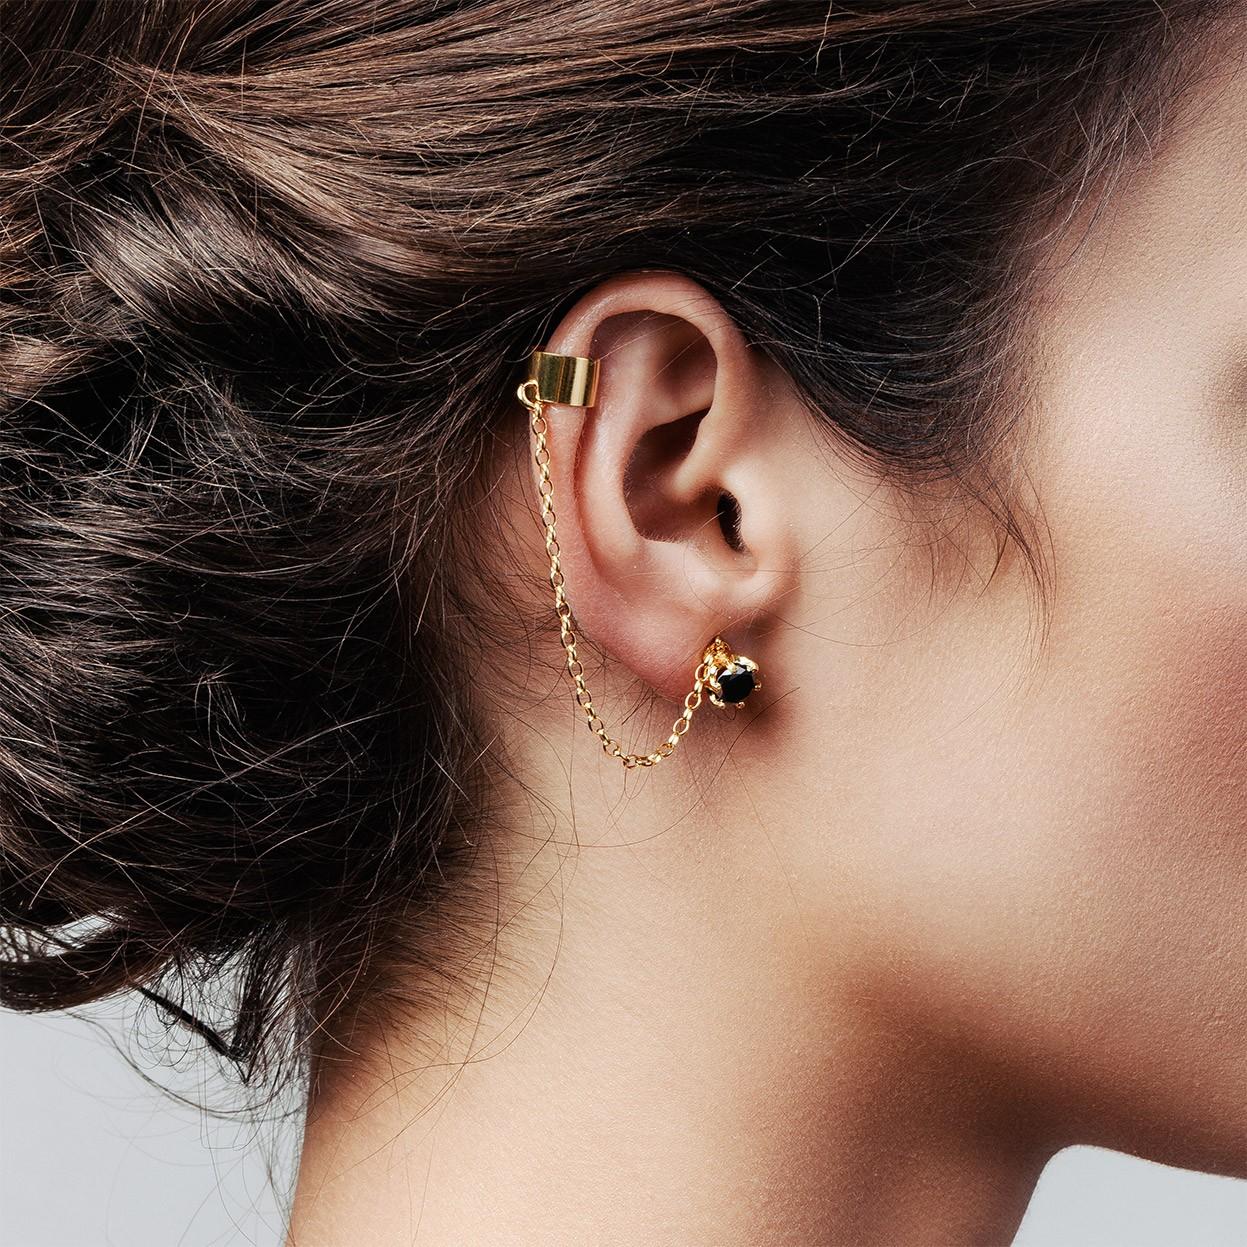 Chain earrings 3 mm Swarovski zirconia sterling silver 925